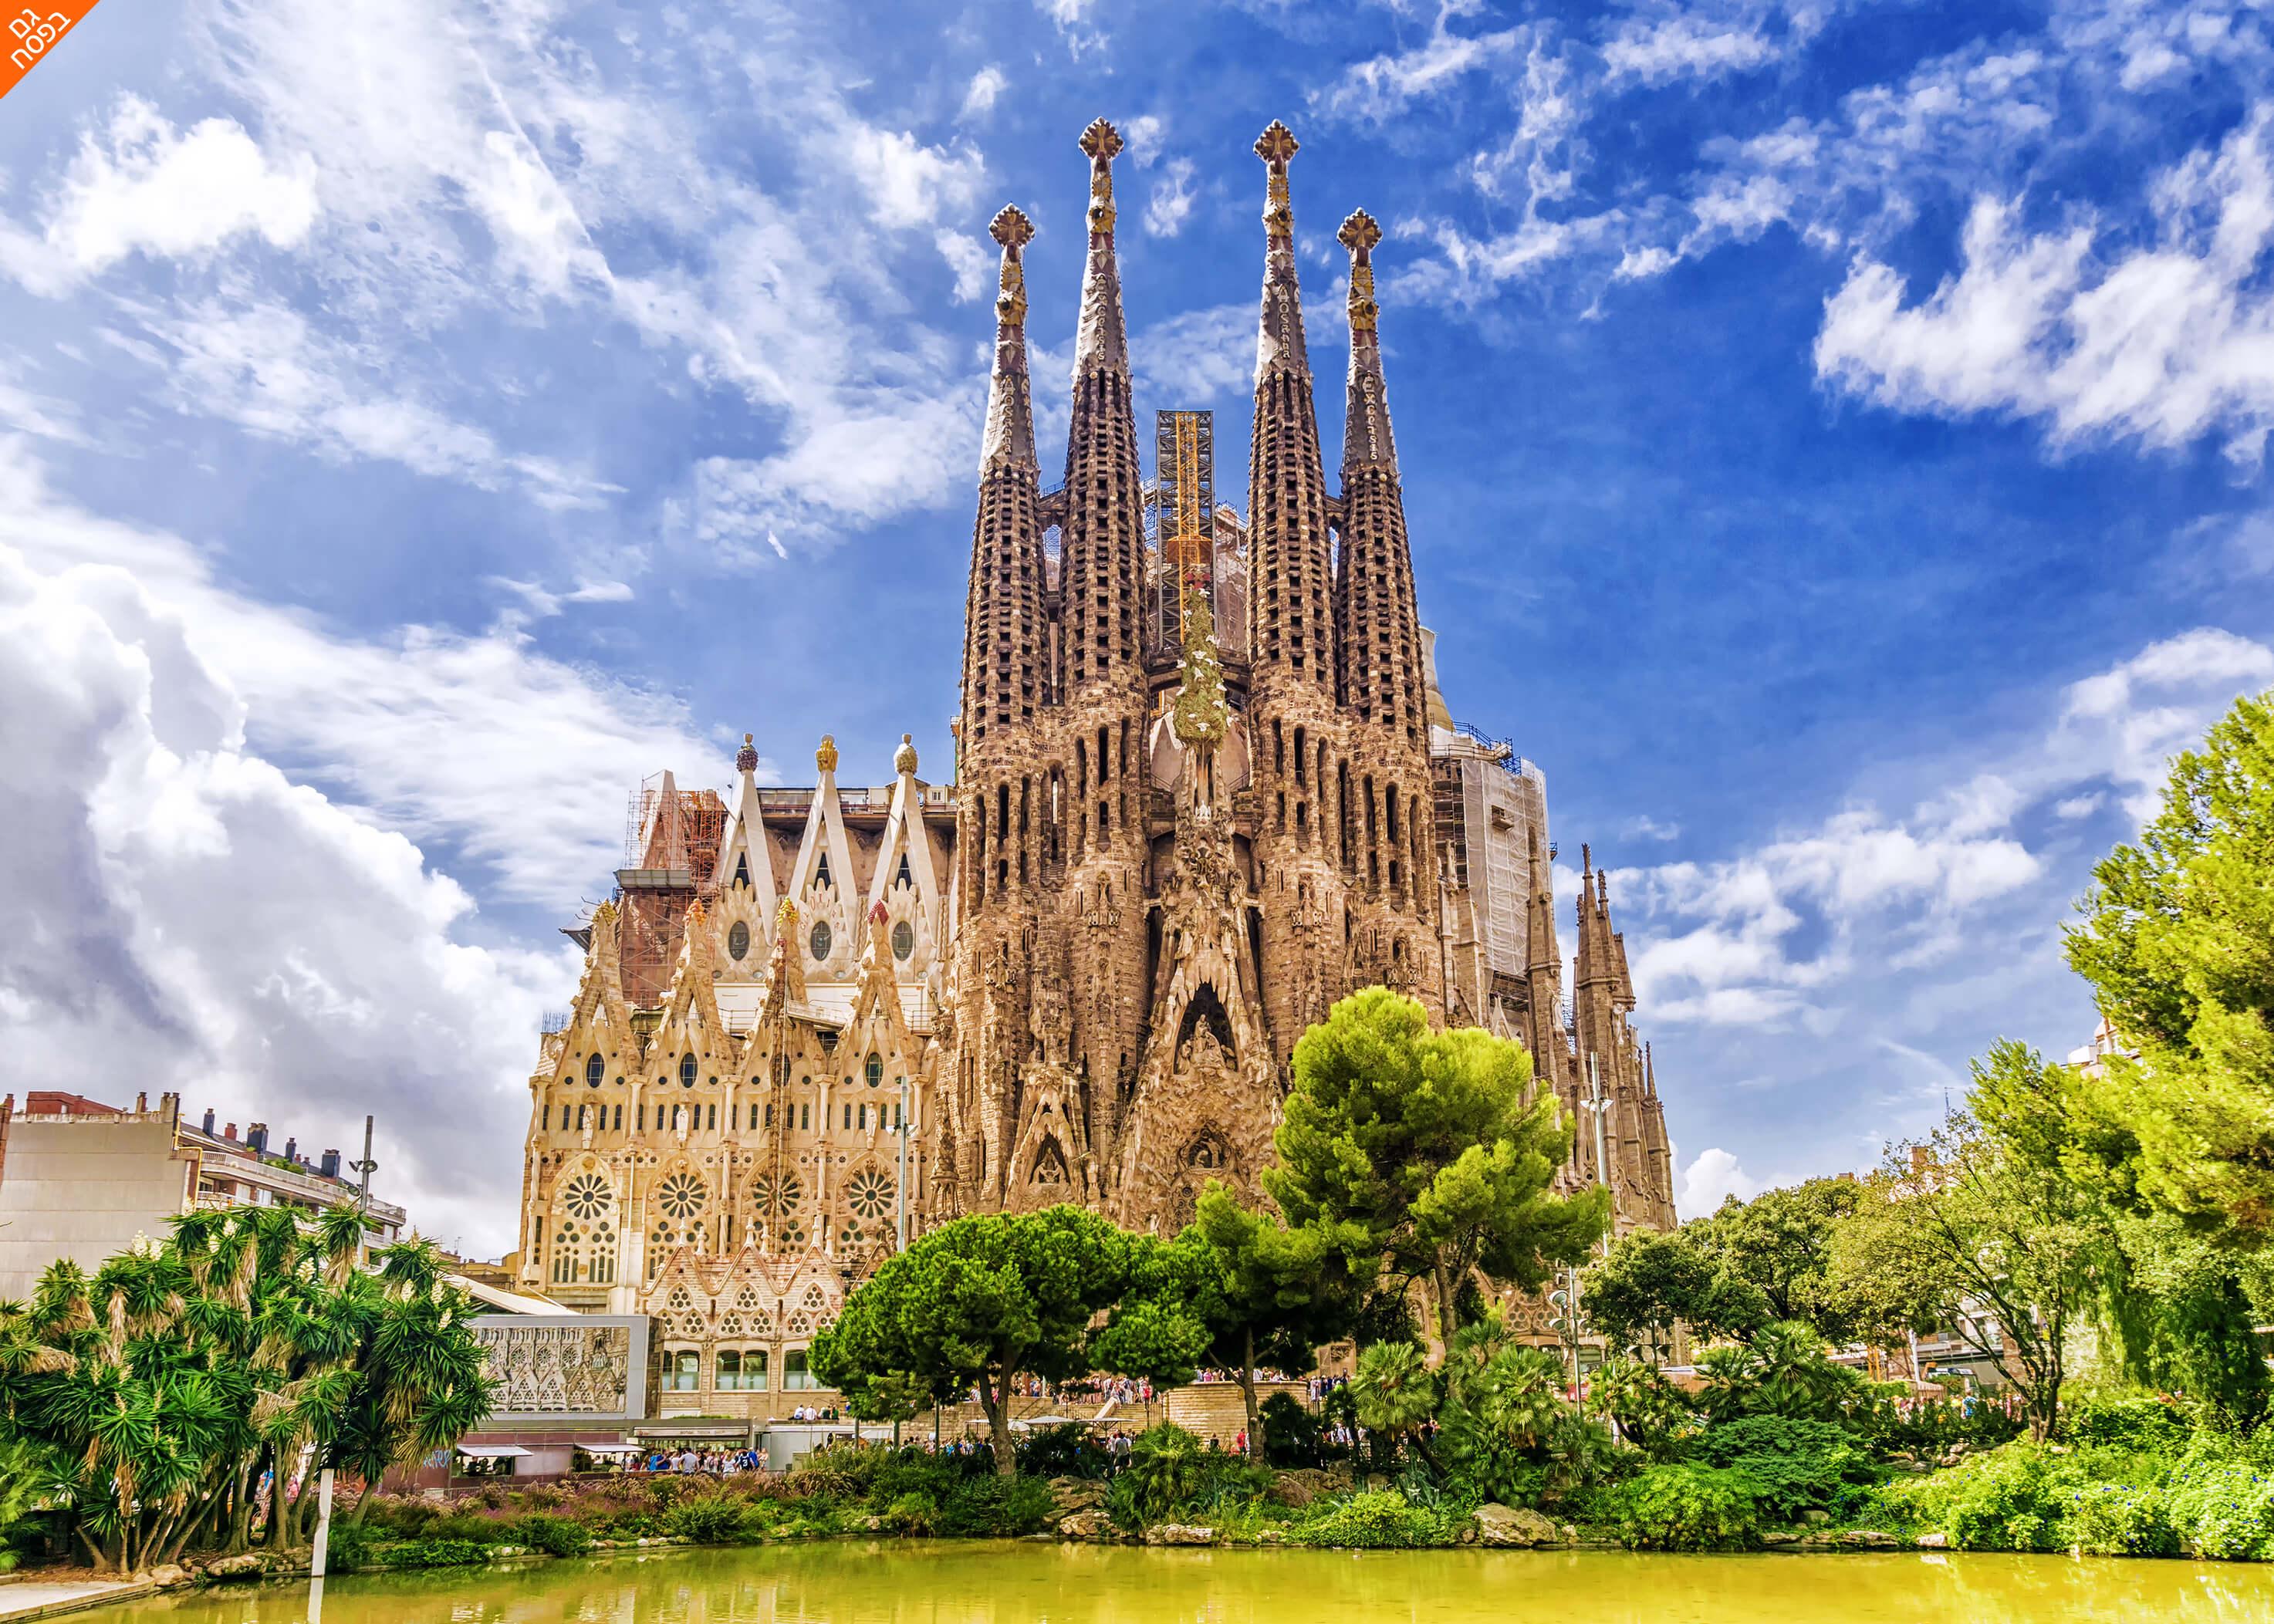 """10 חופשה בברצלונה - טפאסים וסנגריות, שופינג בכל פינה ומגוון אתרים מפורסמים, כולל סופ""""ש ופסח"""